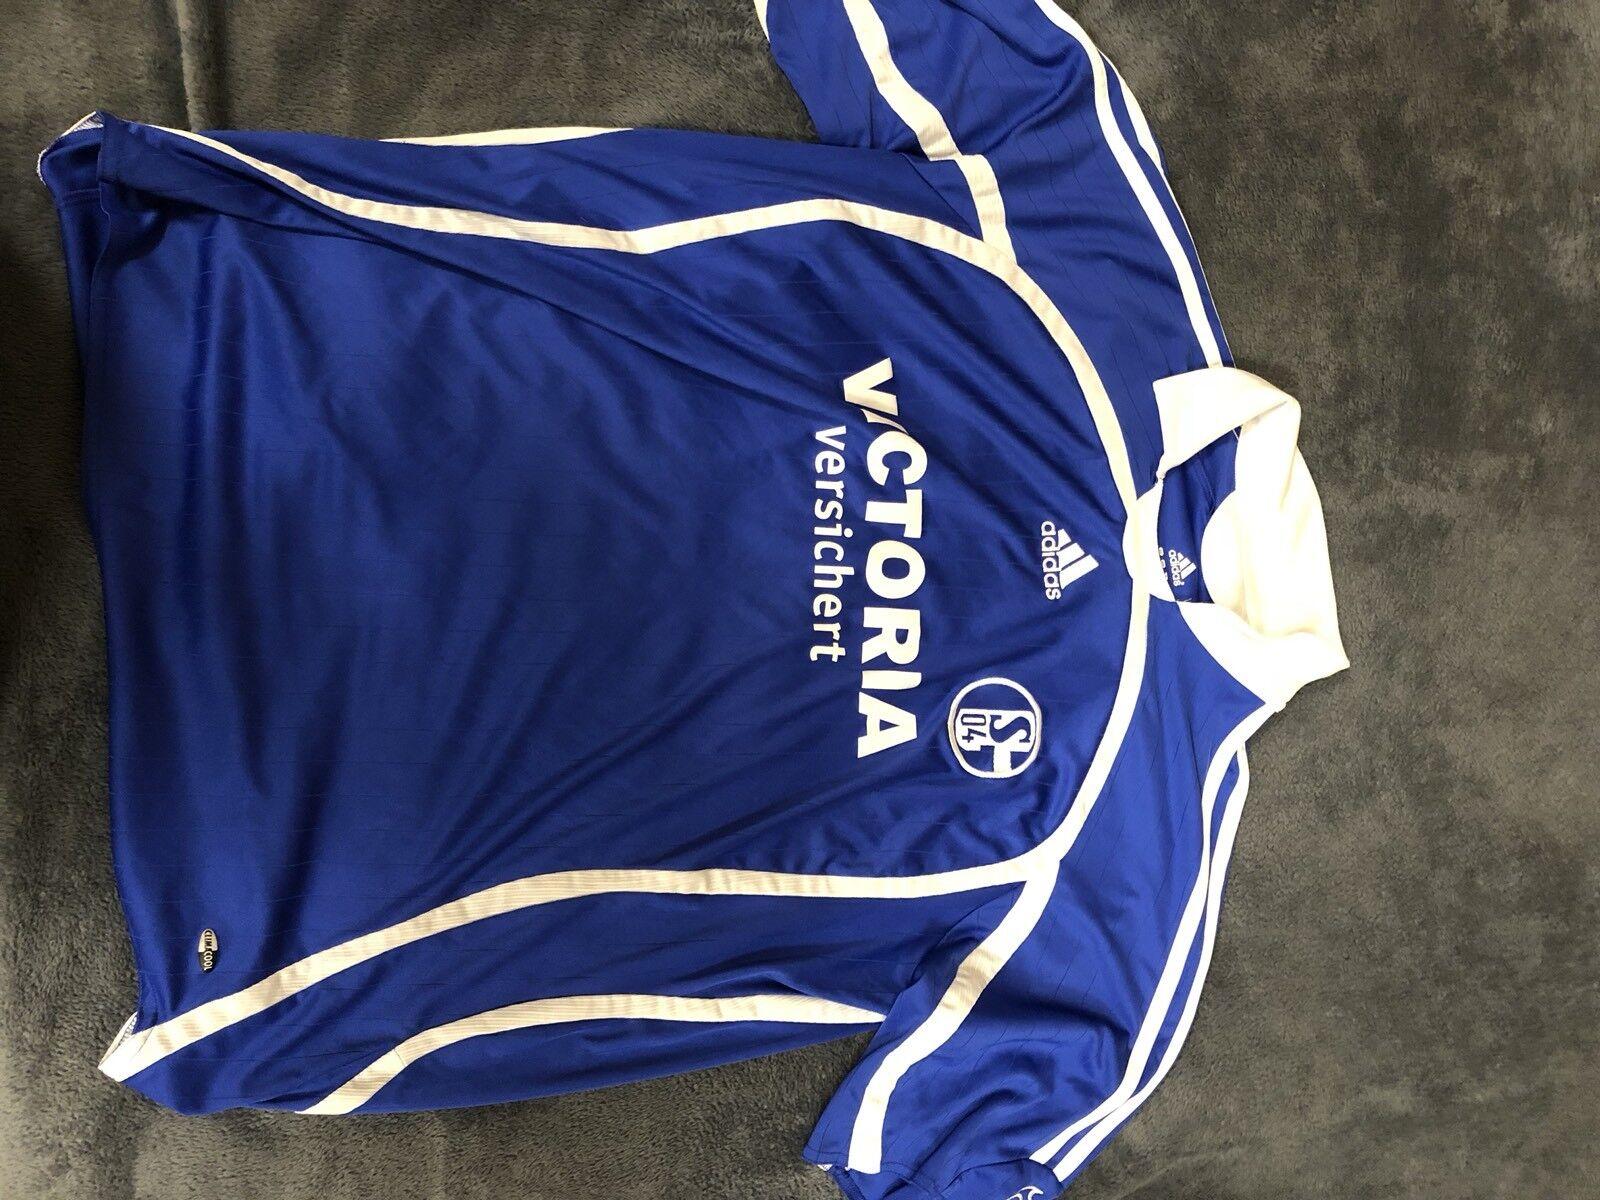 Trikot FC 2007 Schalke 04 Victoria 2005 2006 2007 FC XXL 6e7733